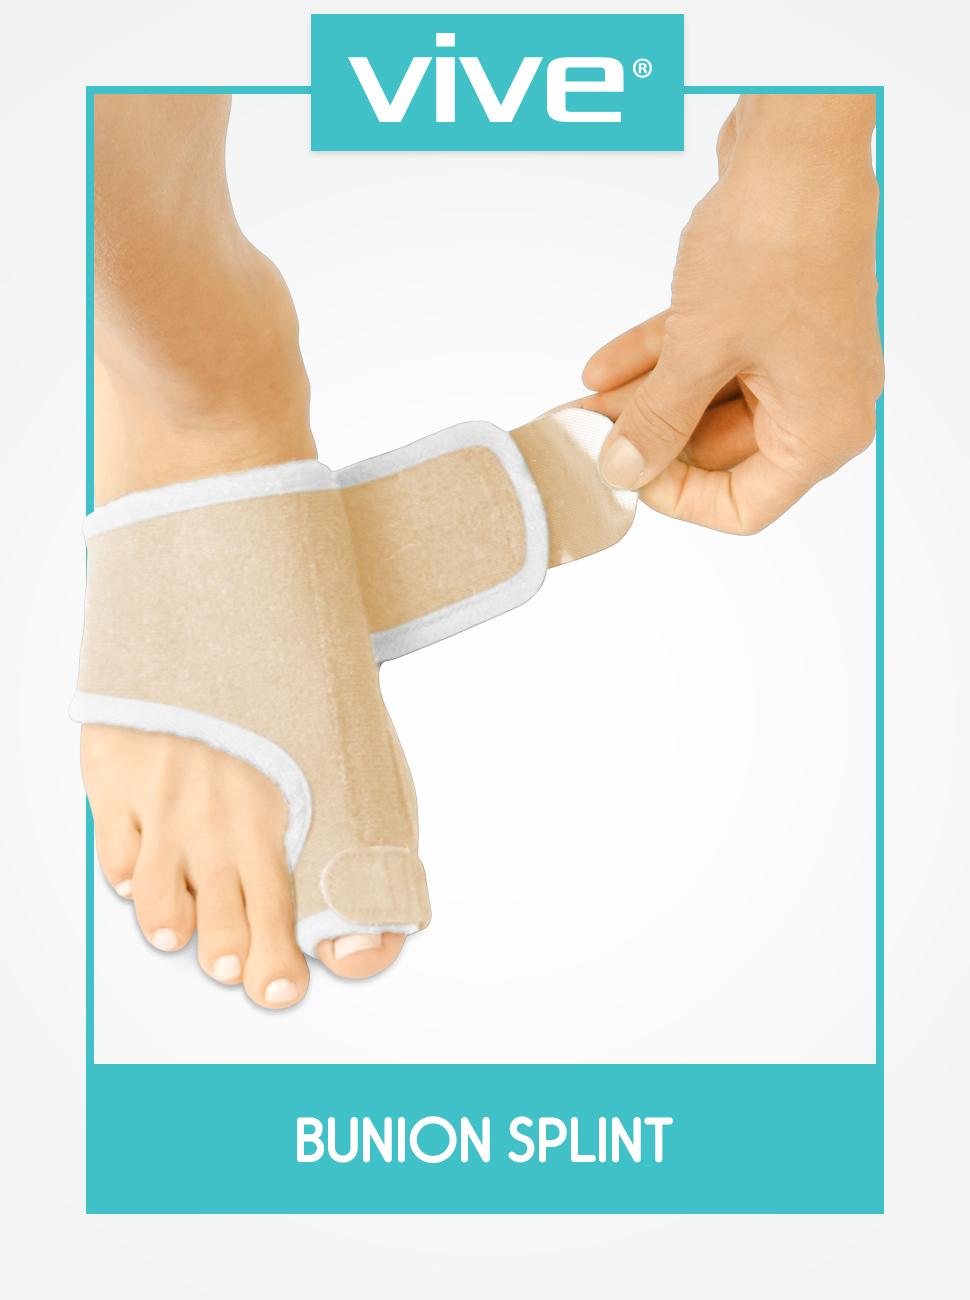 d8a12d0d Vive Bunion Splint (Pair) - Big Toe Straightener - Corrector Brace for  Hallux Valgus